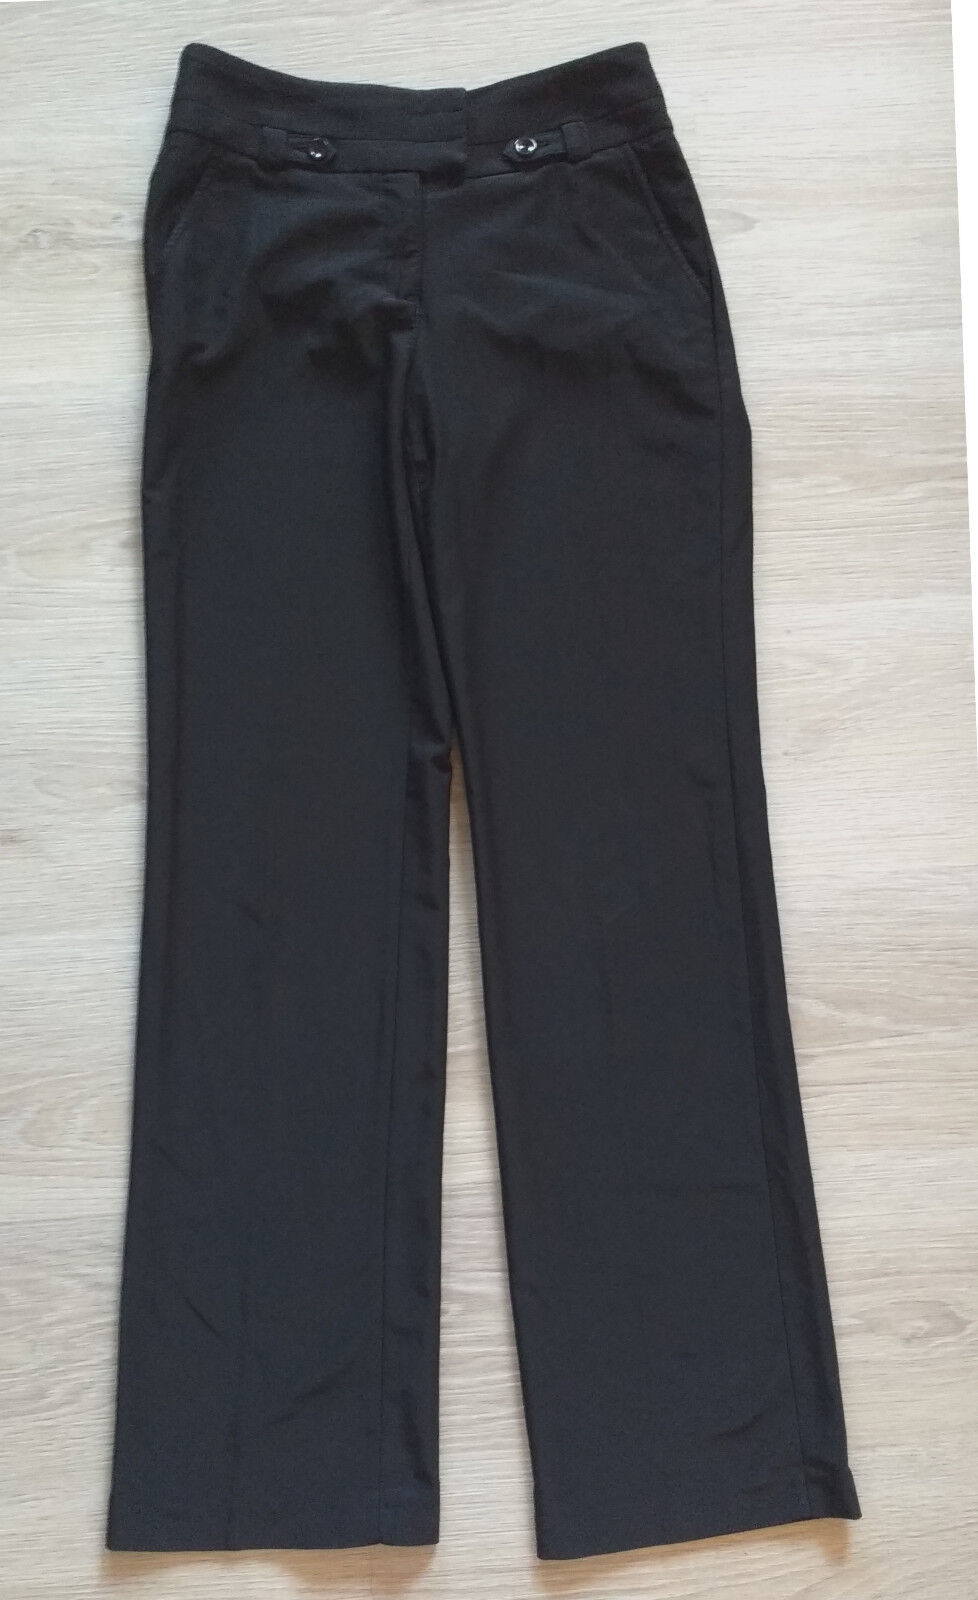 Chice Anzughose von Opus schwarz Gr. 36/L34!